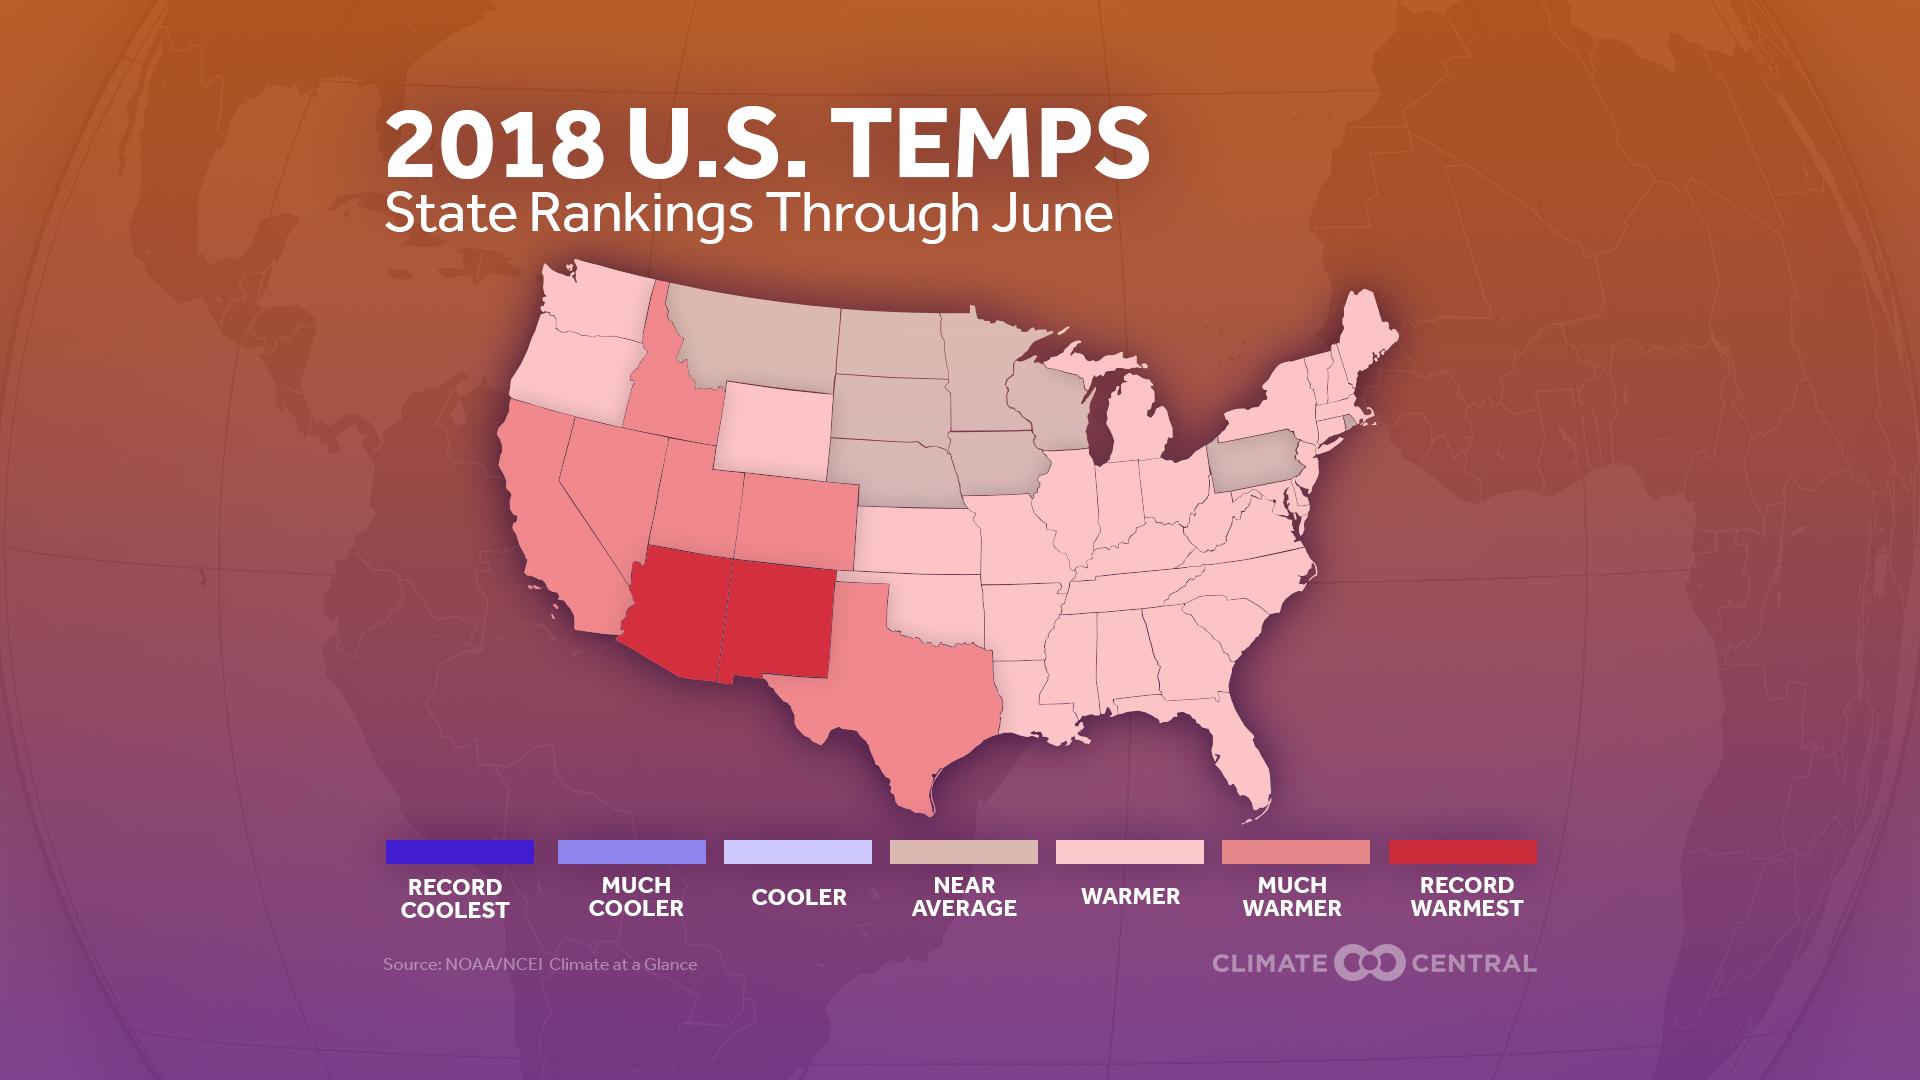 u.s. temperature rankings in 2018